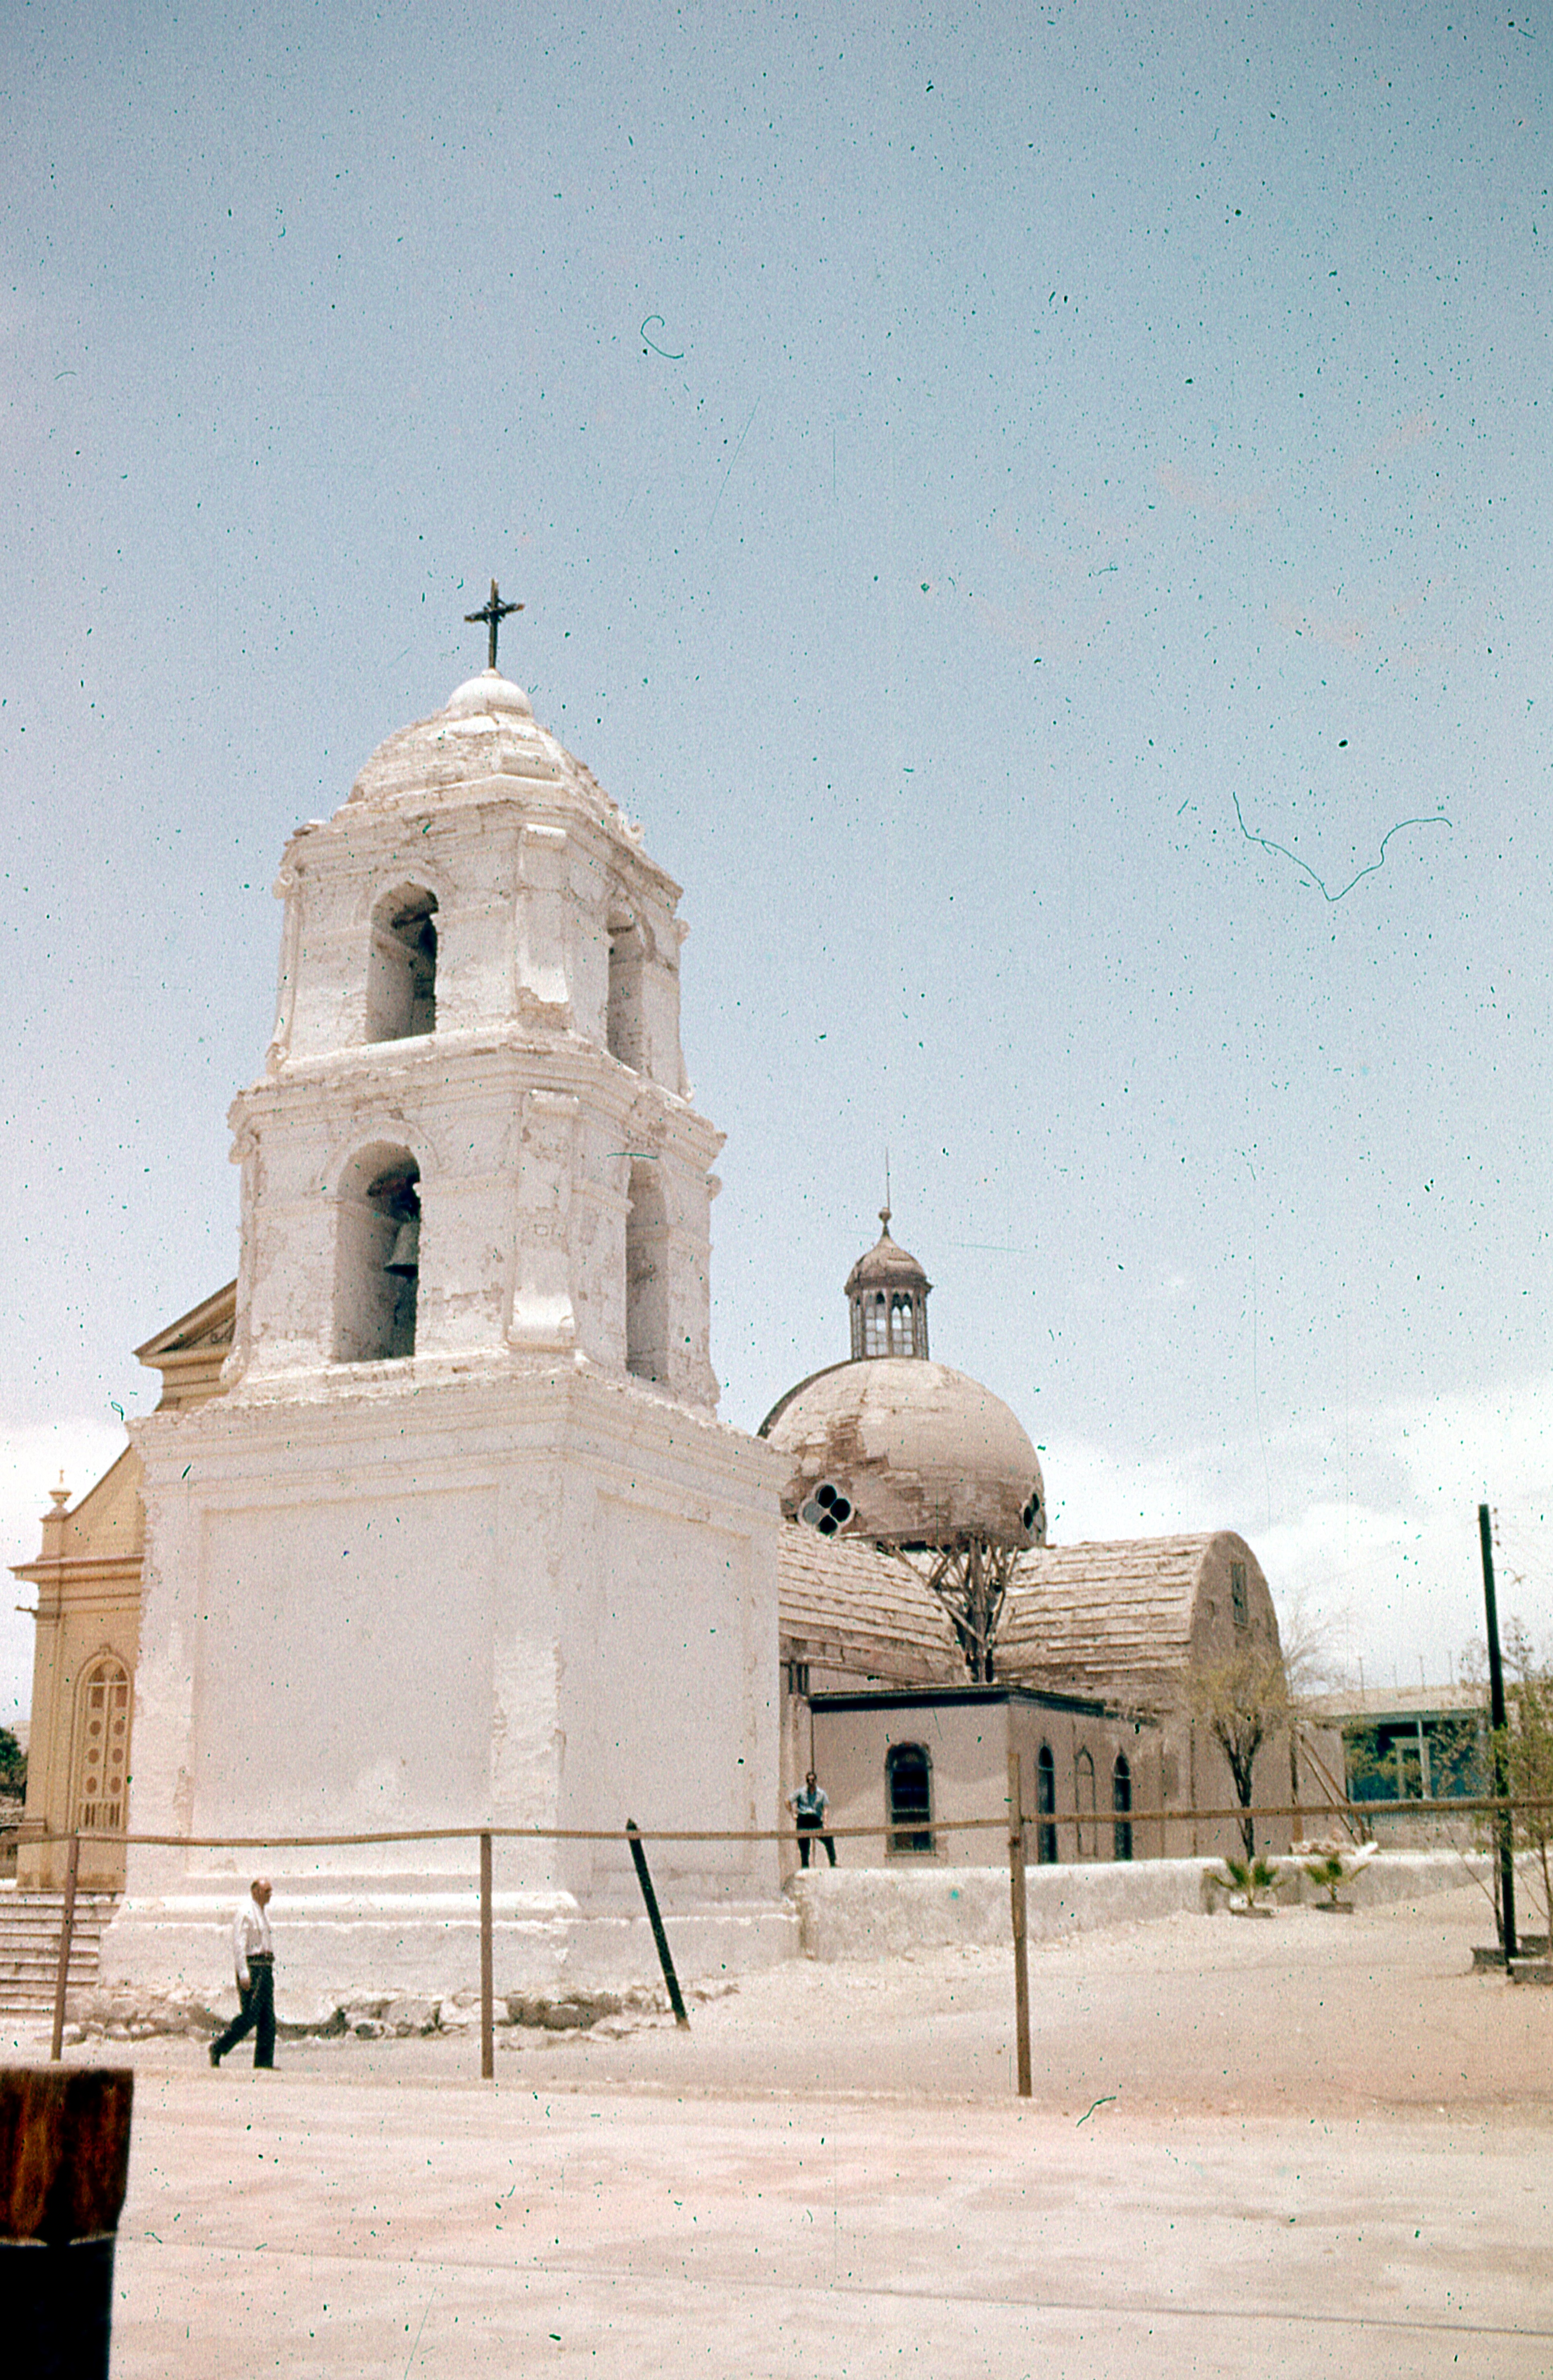 Enterreno - Fotos históricas de chile - fotos antiguas de Chile - Iglesia de Matilla, 1977